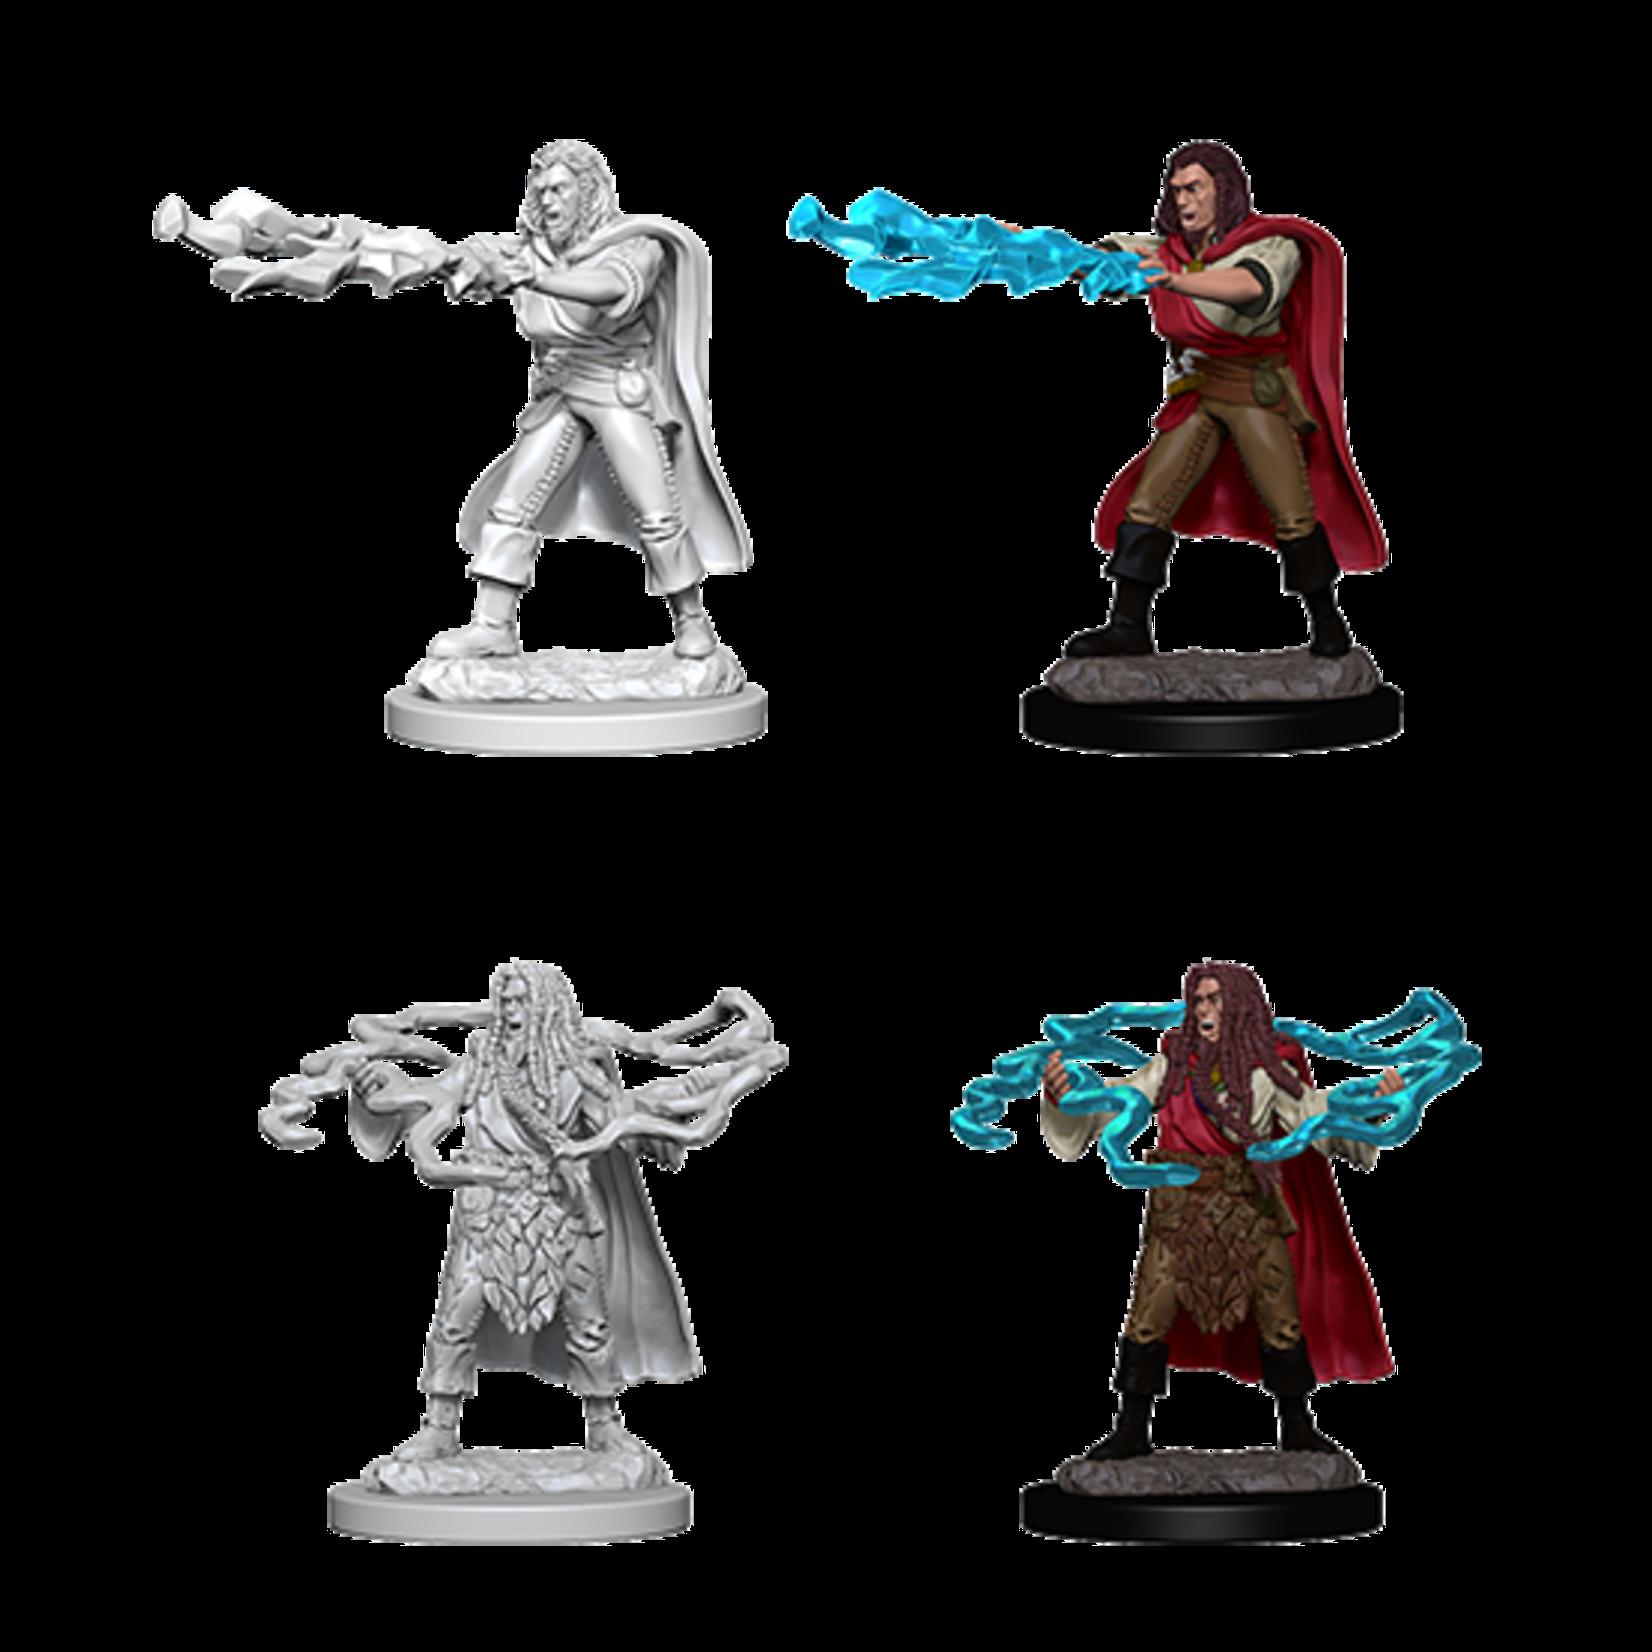 WizKids D&D Nolzur's Marvelous Miniatures: Human Male Sorcerer (W1)